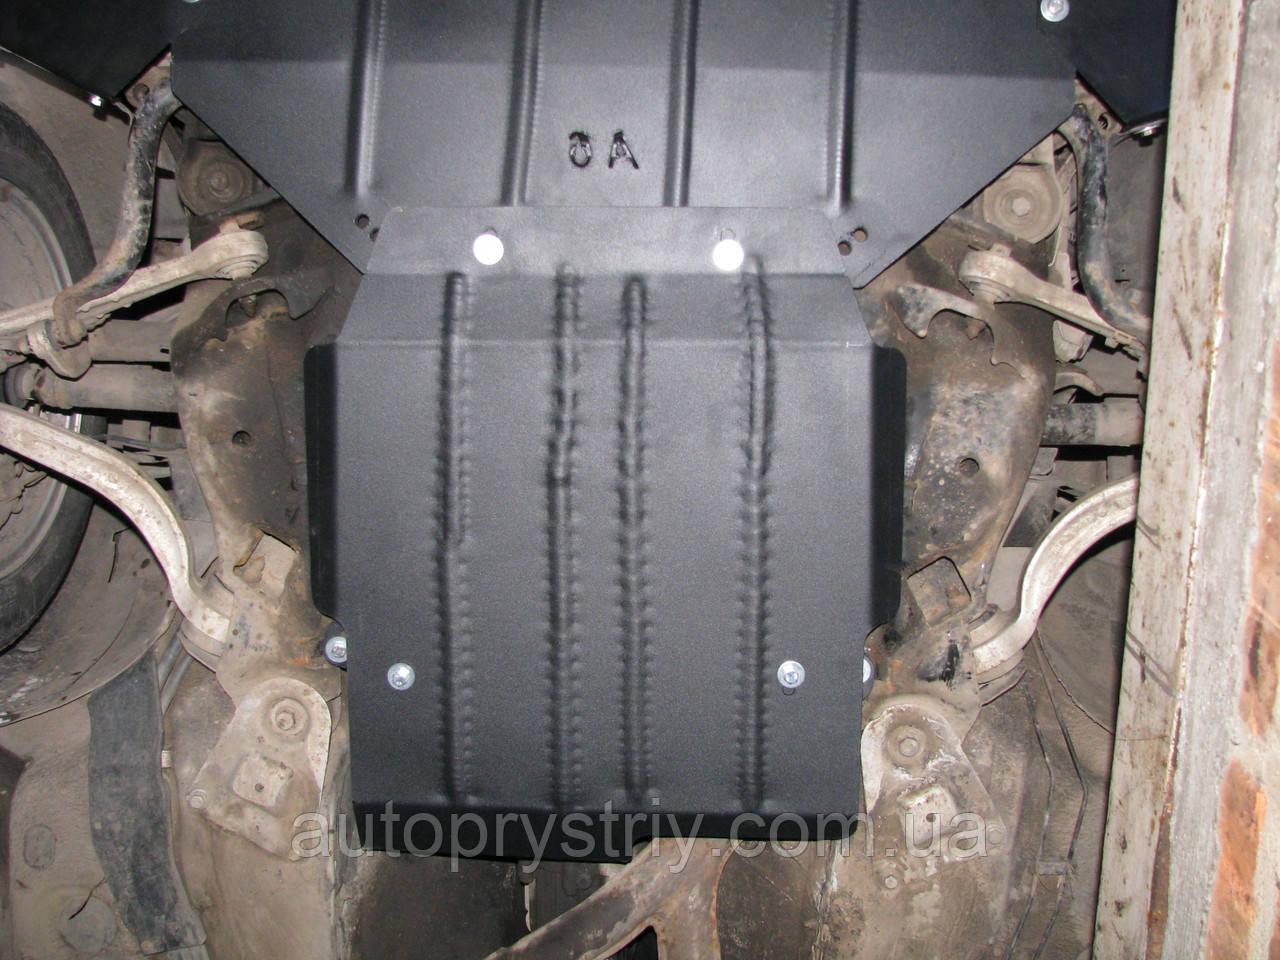 Защита КПП Audi A4 (B5) V6 (1994-2001) типтроник 1.6, 1.8, 2.4, 2.6, 2.8, 1.9 D, 2.5 TD (кроме 4х4)